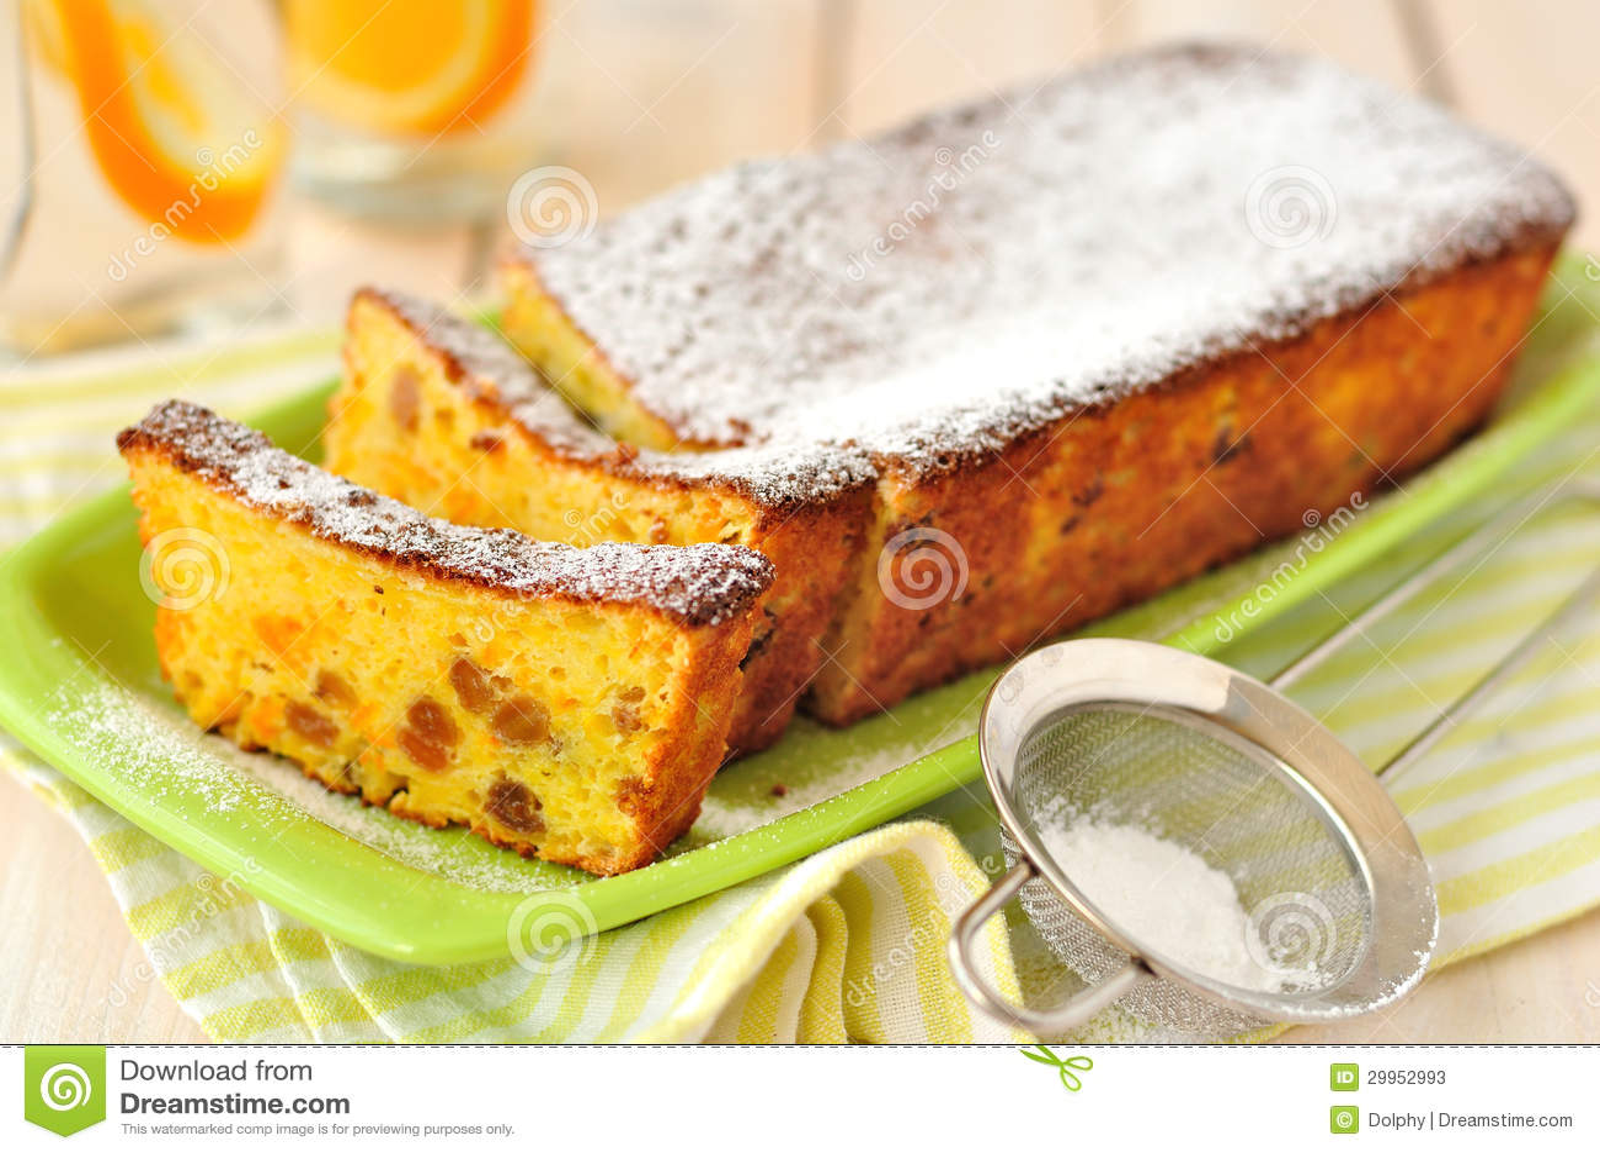 How To Make Sultanas Cake